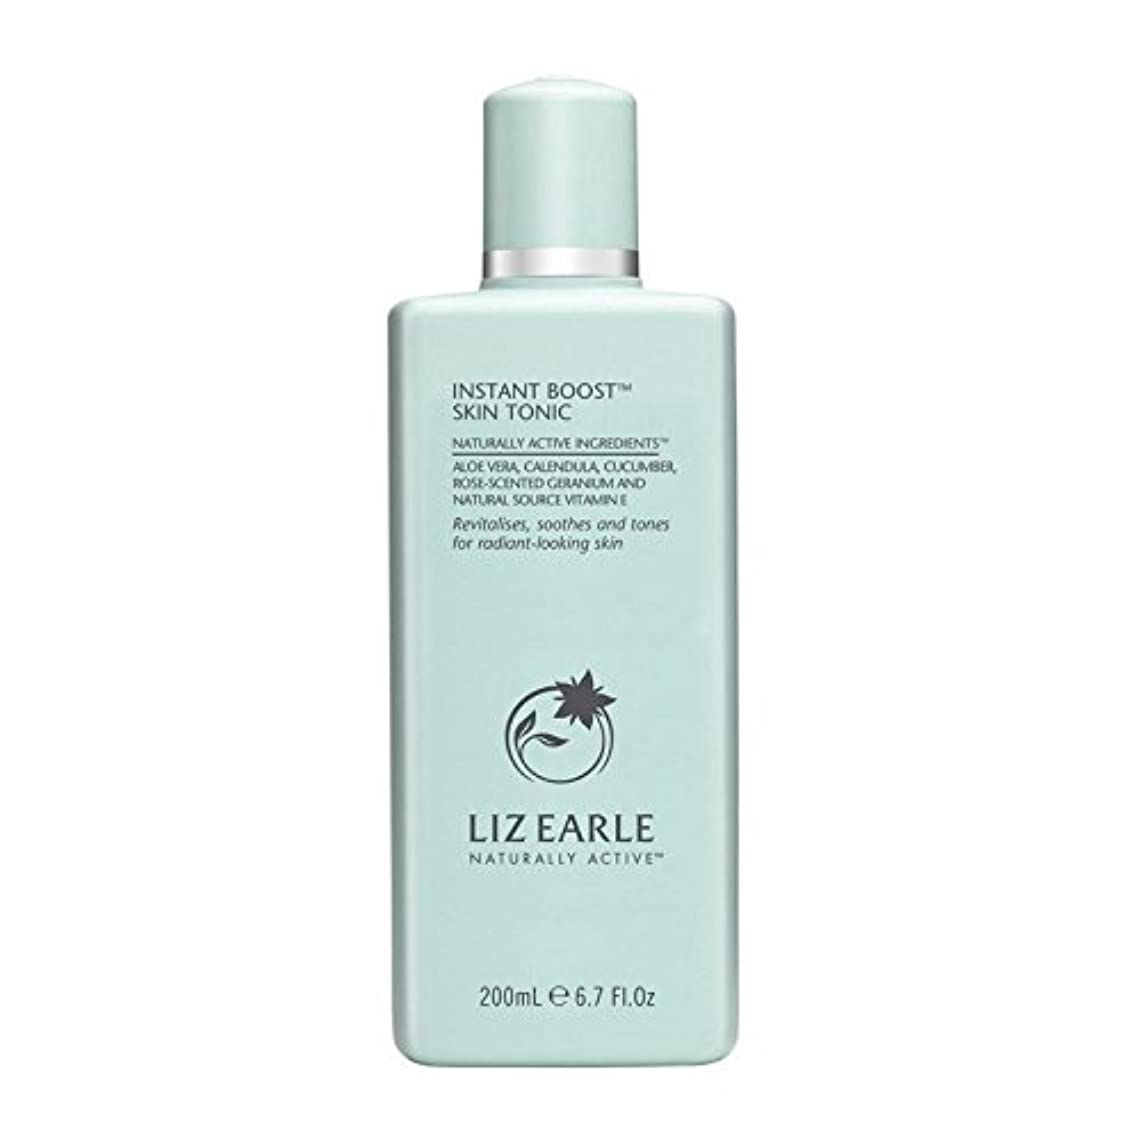 パン屋クリック目覚めるLiz Earle Instant Boost Skin Tonic Bottle 200ml - リズアールインスタントブーストスキントニックボトル200ミリリットル [並行輸入品]